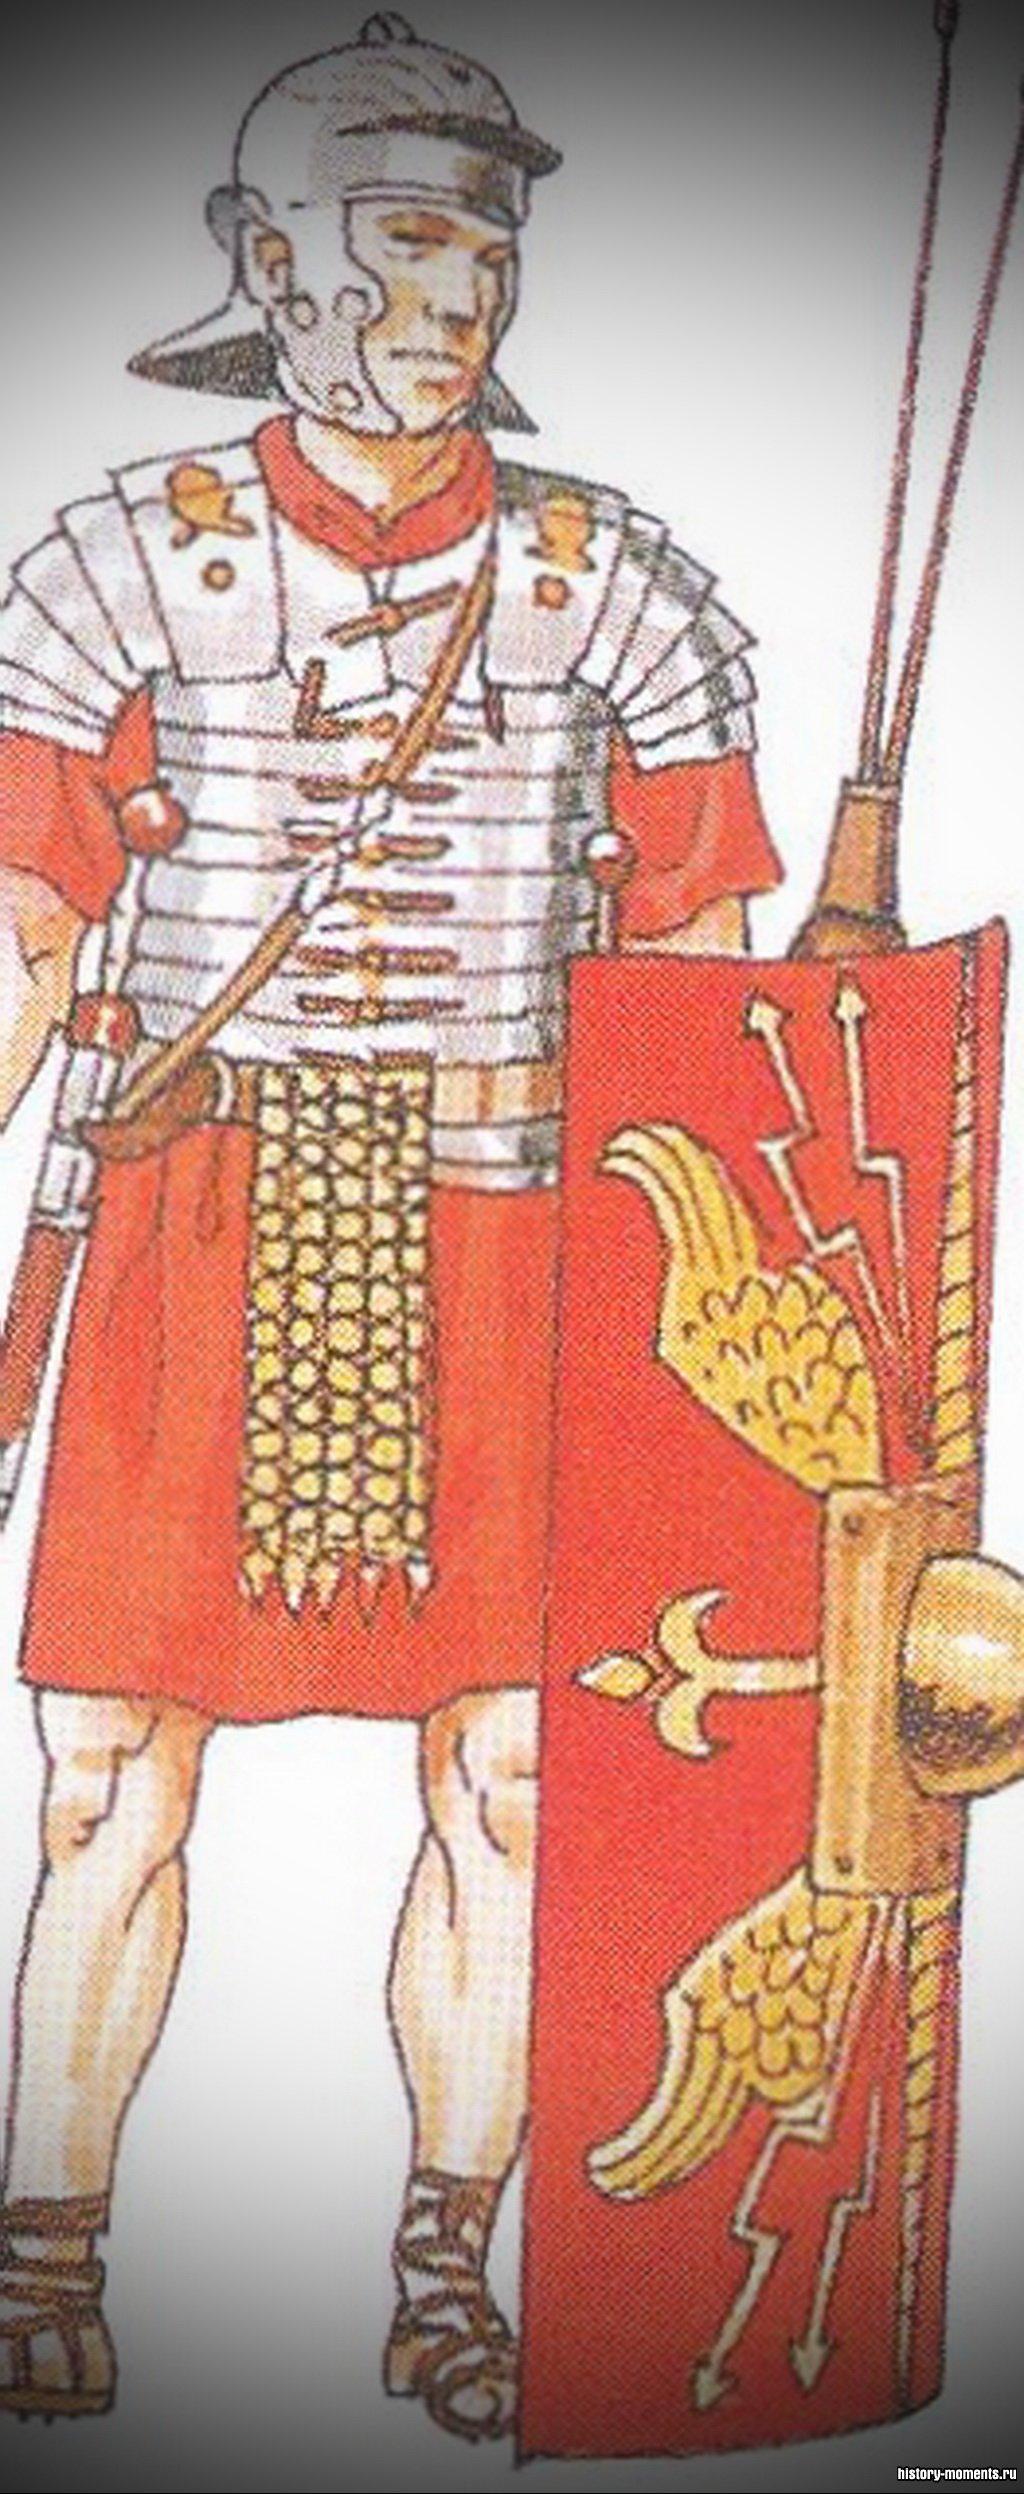 Легионер - пехотинец. Легионерами могли быть только римские граждане.ионер - пехотинец. Легионерами могли быть только римские граждане.